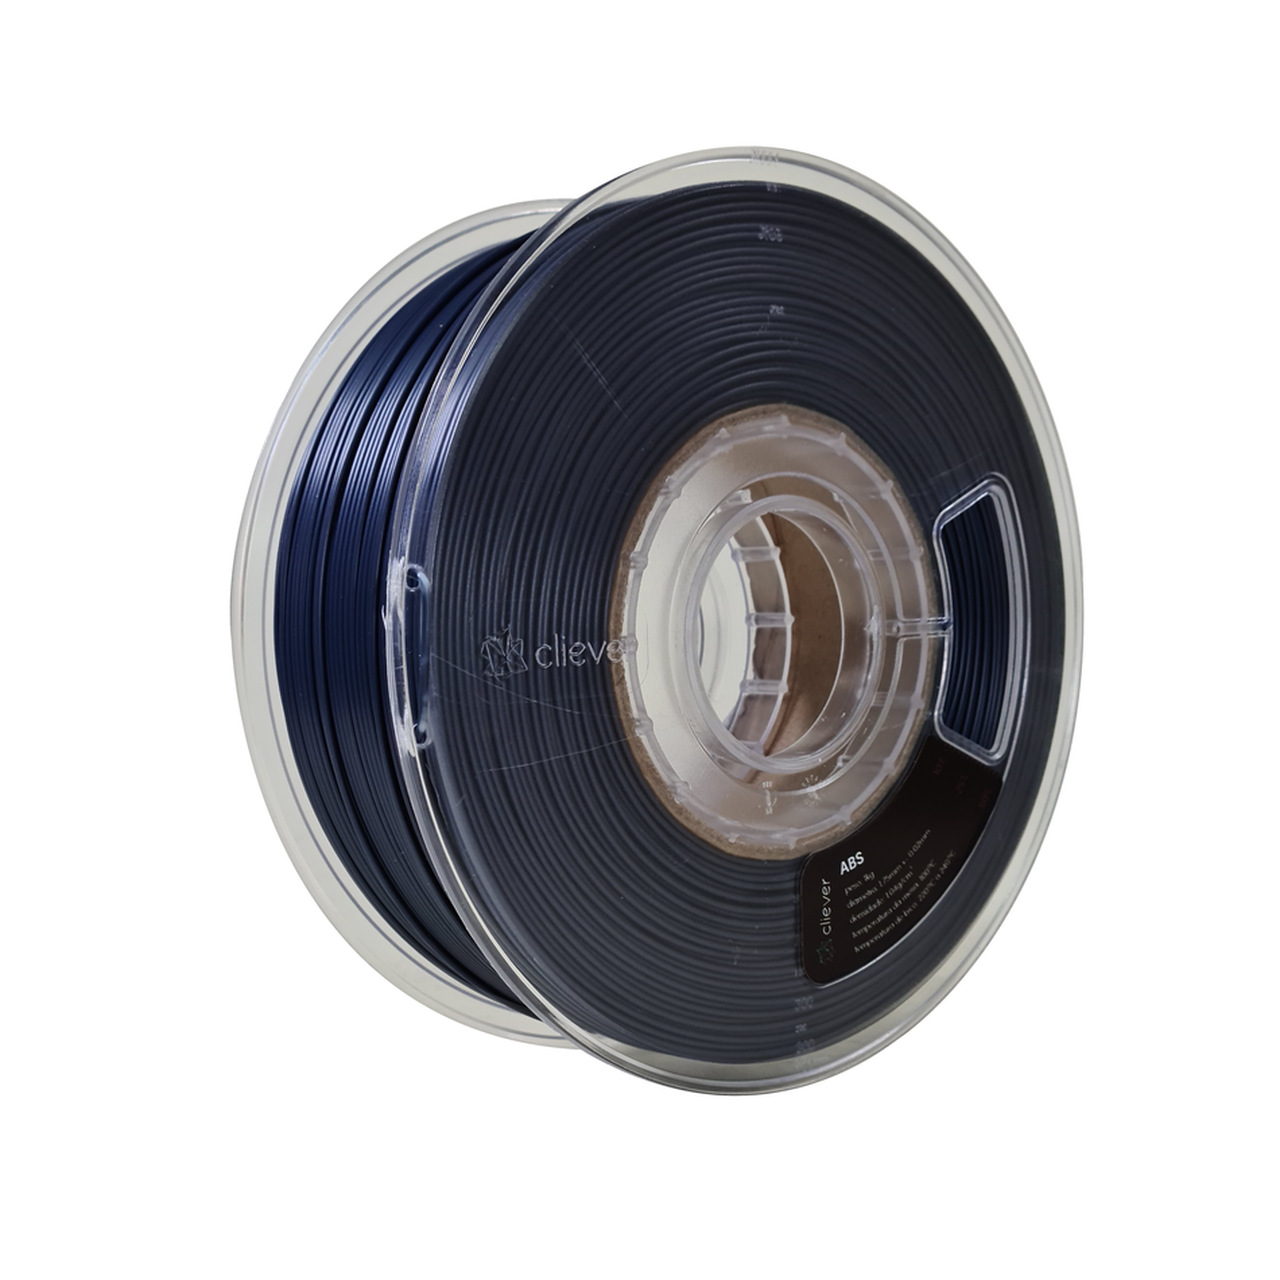 Filamento ABS - Azul Escuro Perolado - Cliever - 1.75mm - 1kg